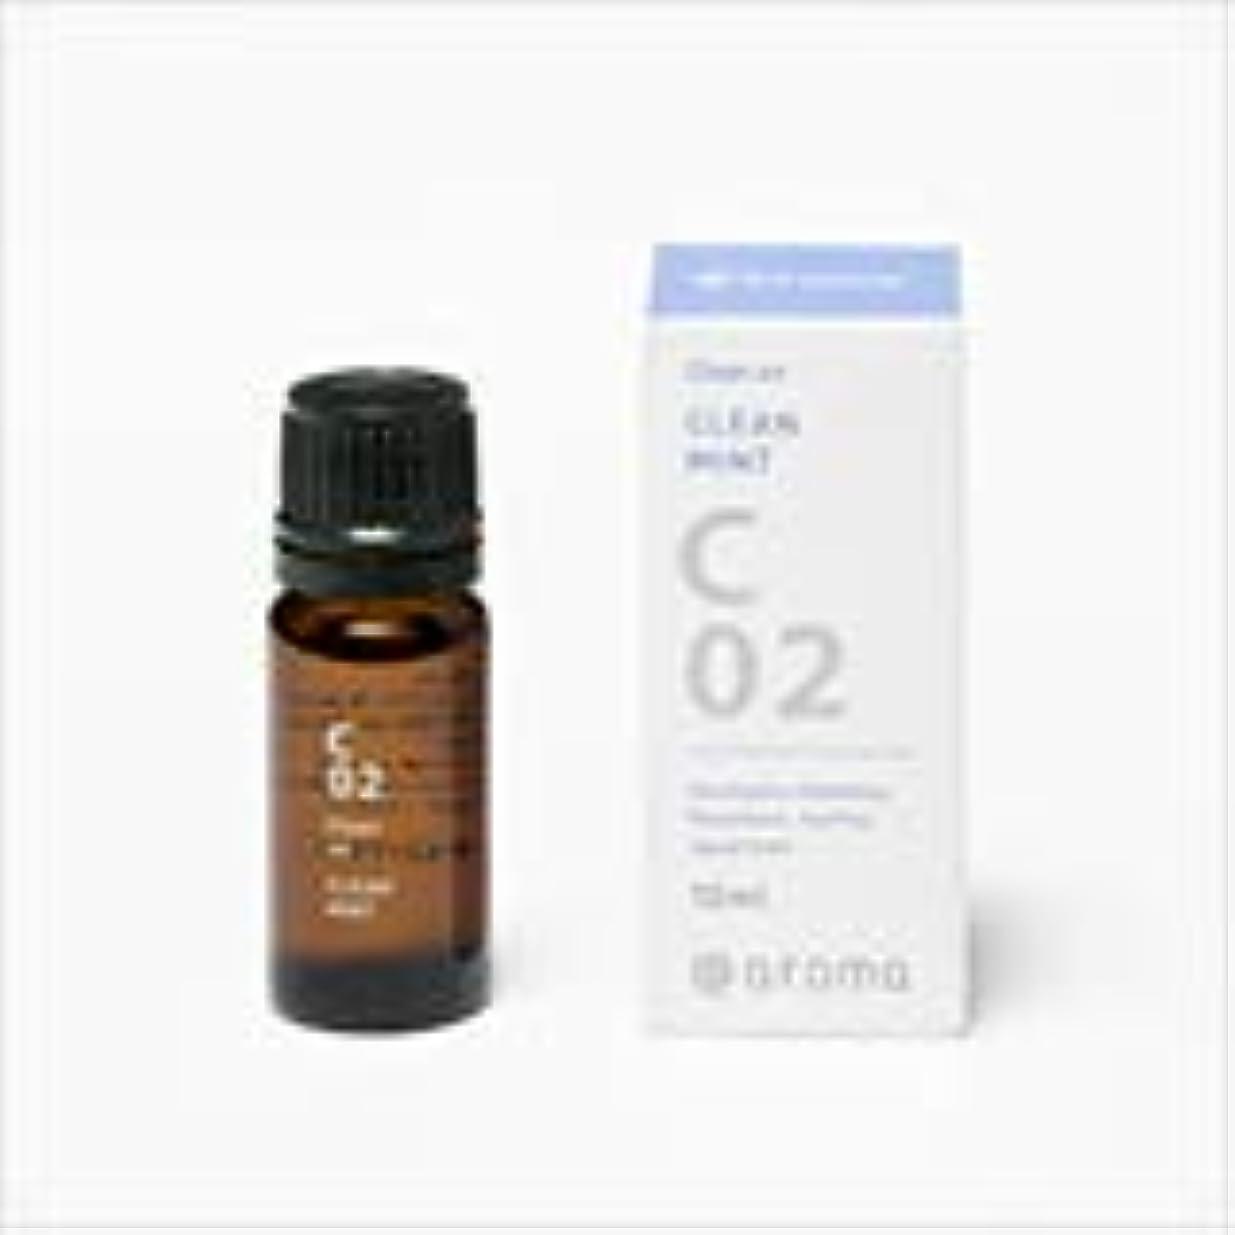 ベアリング傷跡シダアットアロマ 100%pure essential oil <Clean air ウォームフィール>